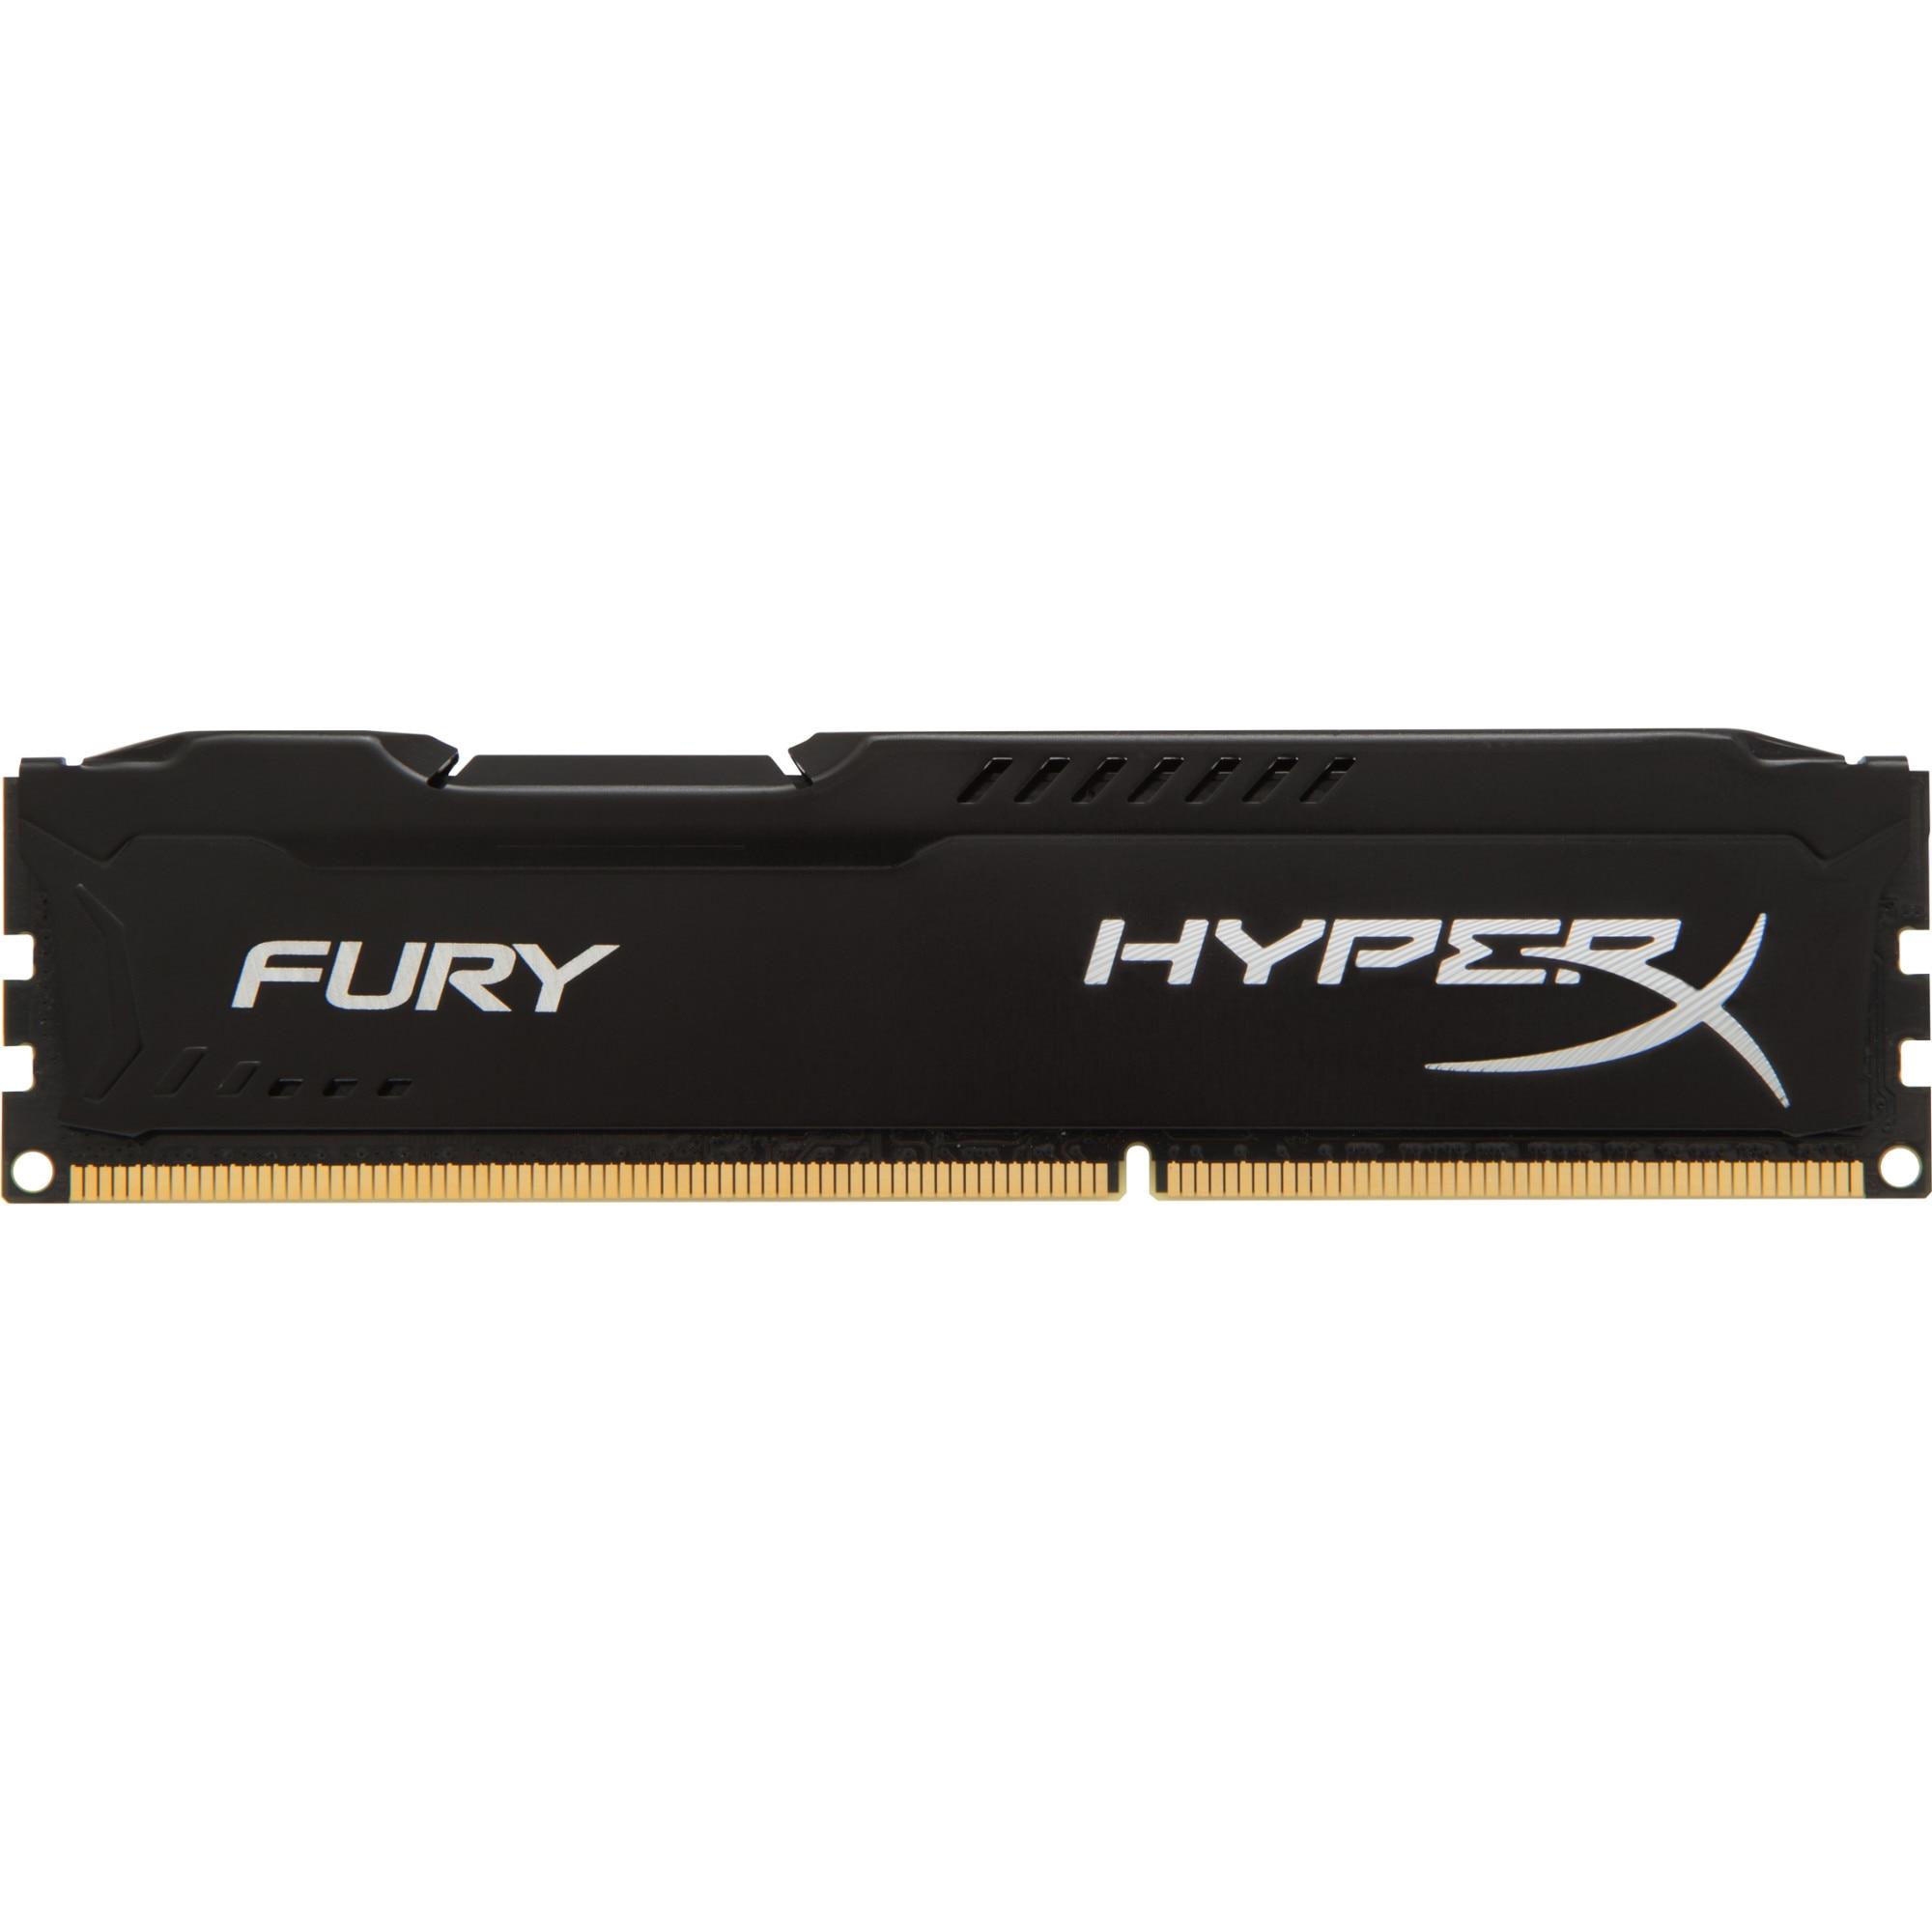 Fotografie Memorie HyperX FURY Black 4GB, DDR3, 1600MHz, CL10, 1.5V